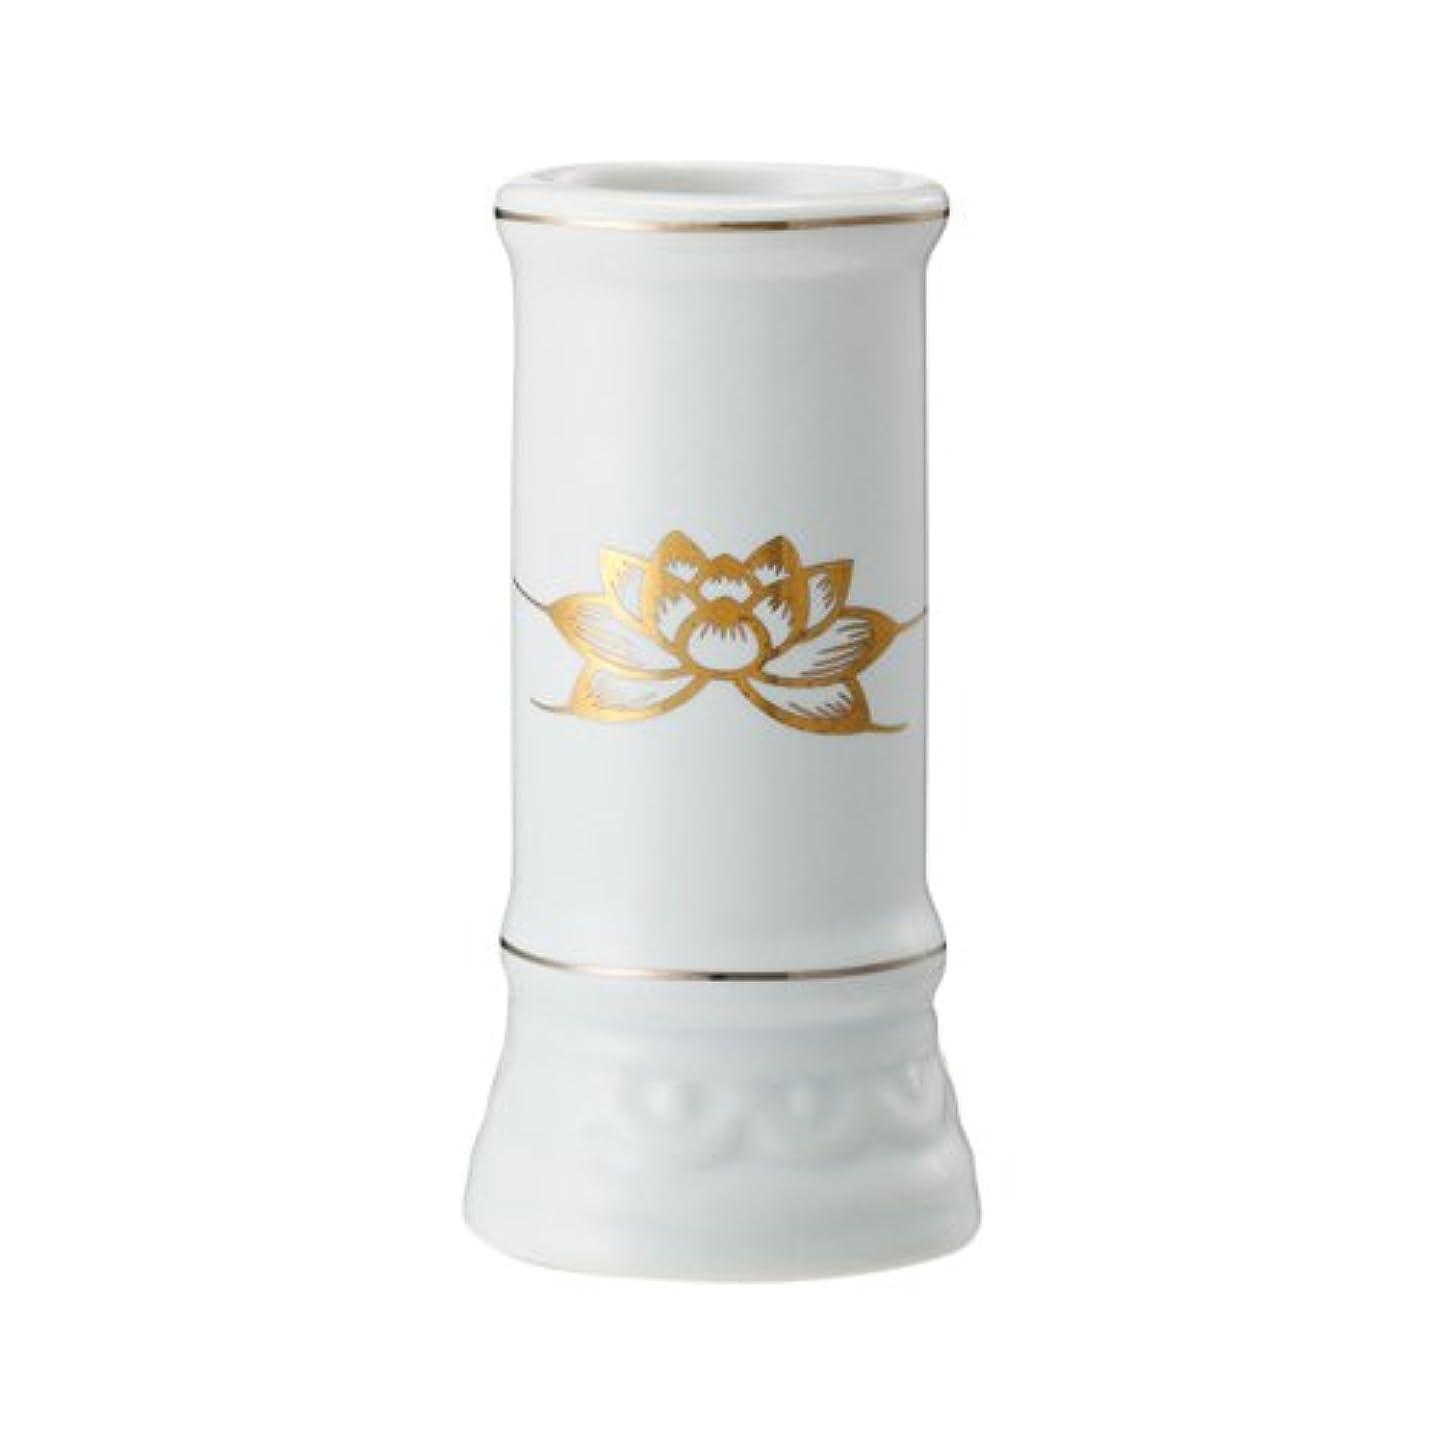 階下民間つかむ日本香堂 線香立て ミニ陶器白磁